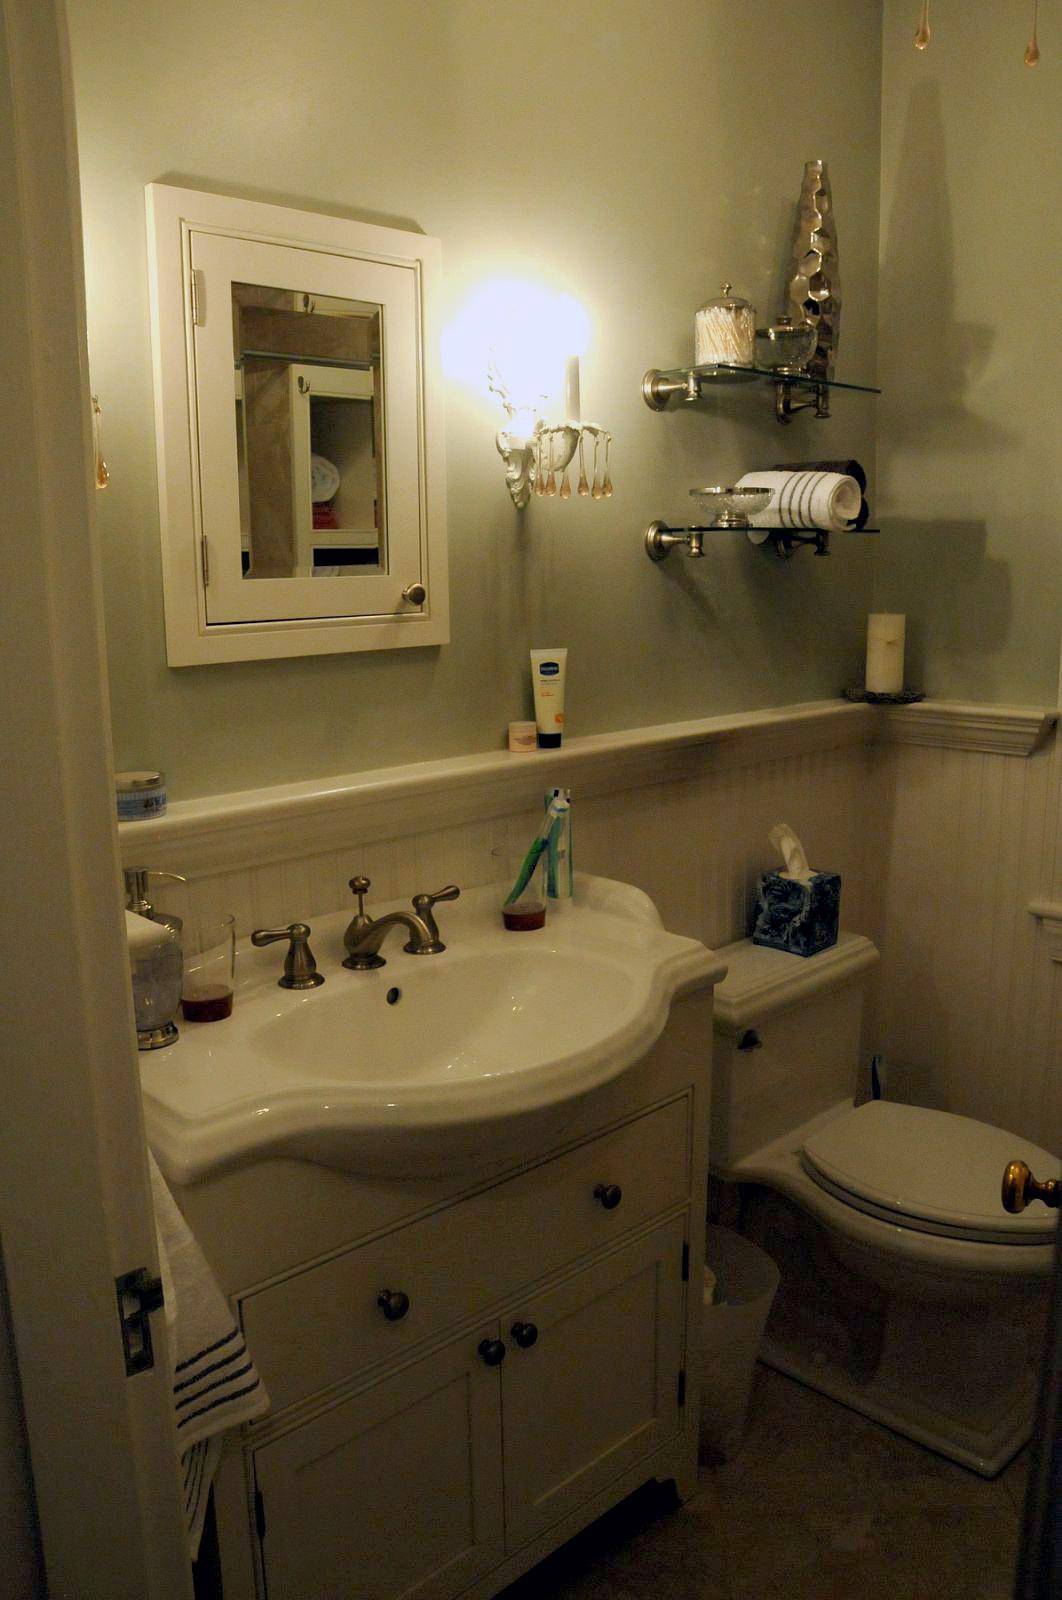 a misallocation of resources: diy: bathroom decor